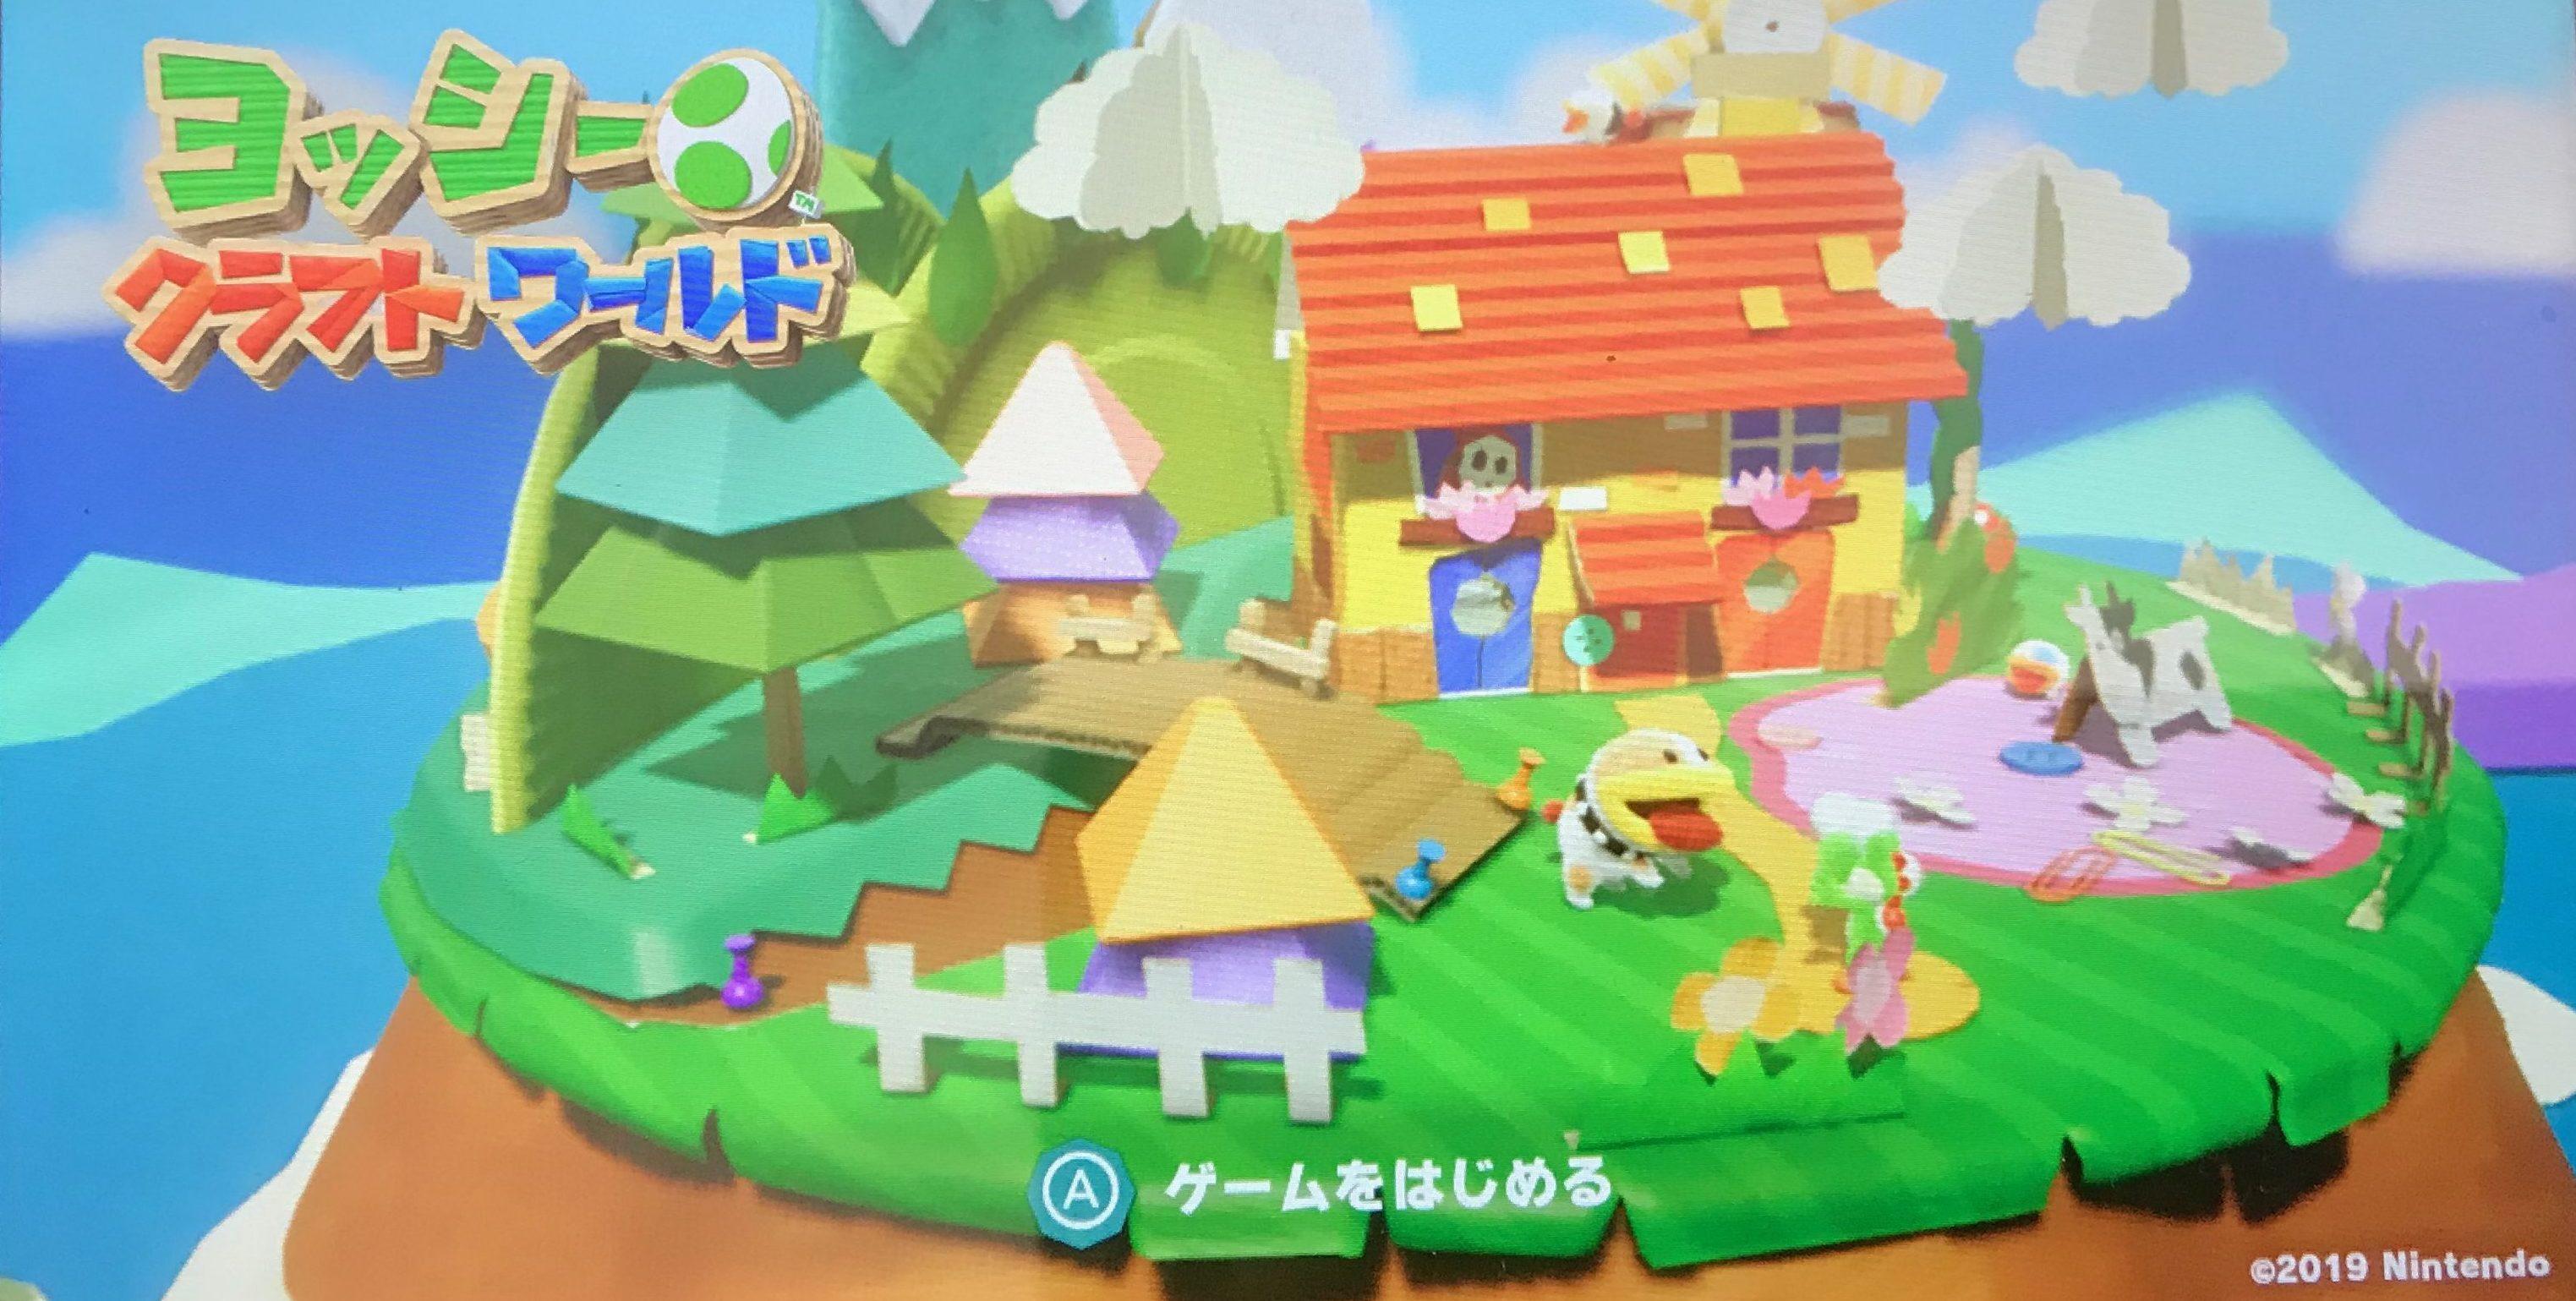 ヨッシークラフトワールドは小さな子にもオススメ!6歳児と遊んだ感想!